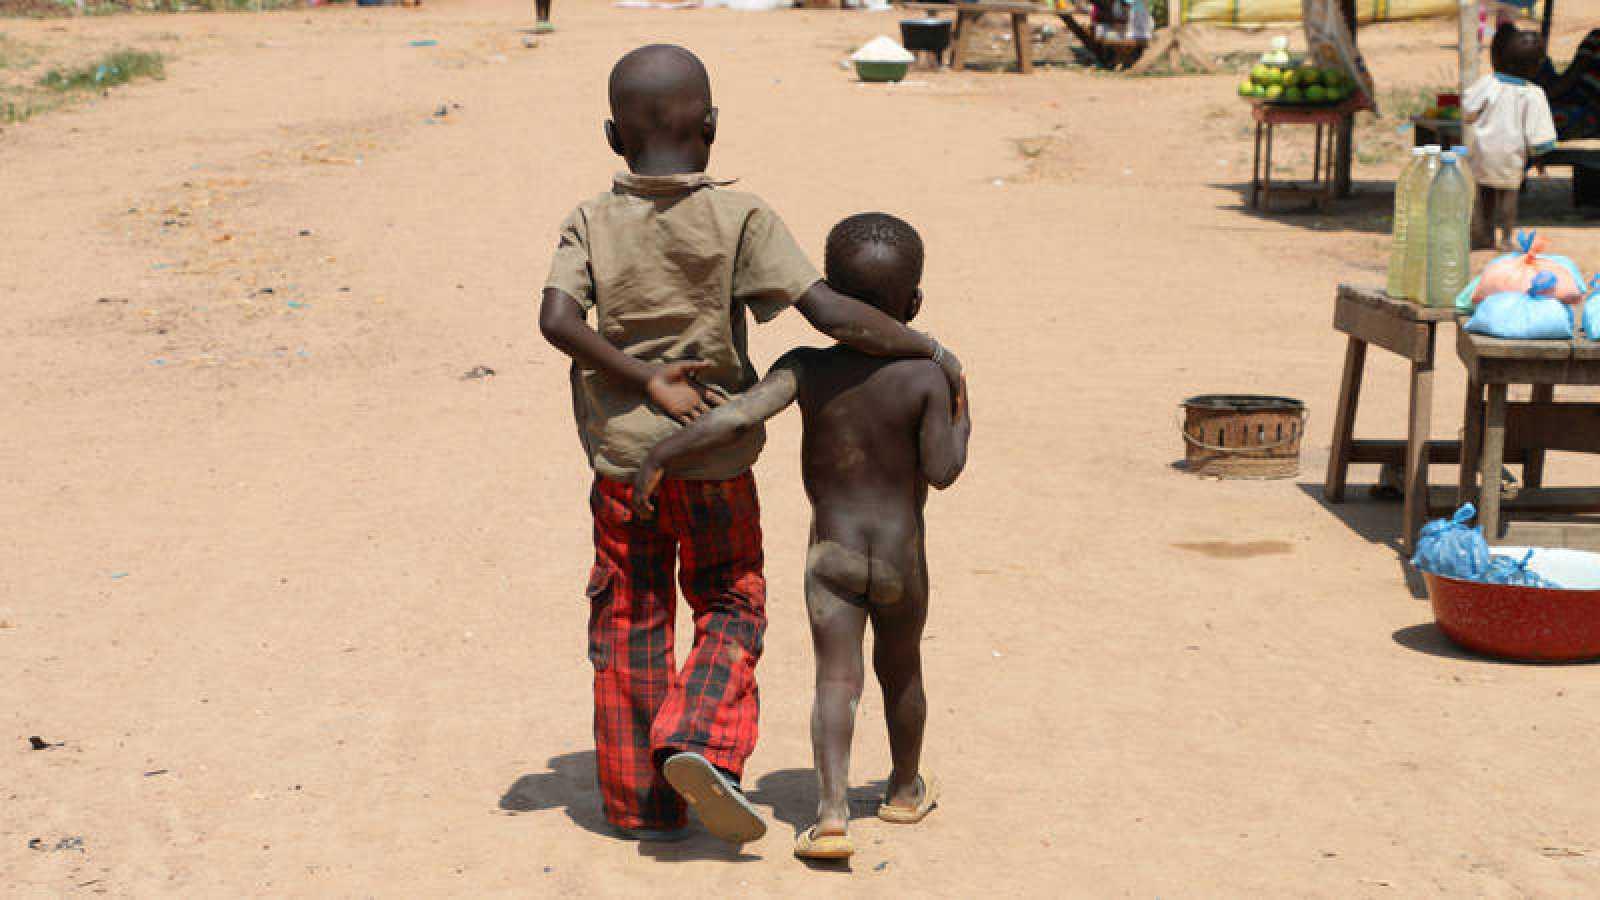 El aeropuerto de Mpoko en Bangui, República Centroafricana, es refugio de 20.000 desplazados